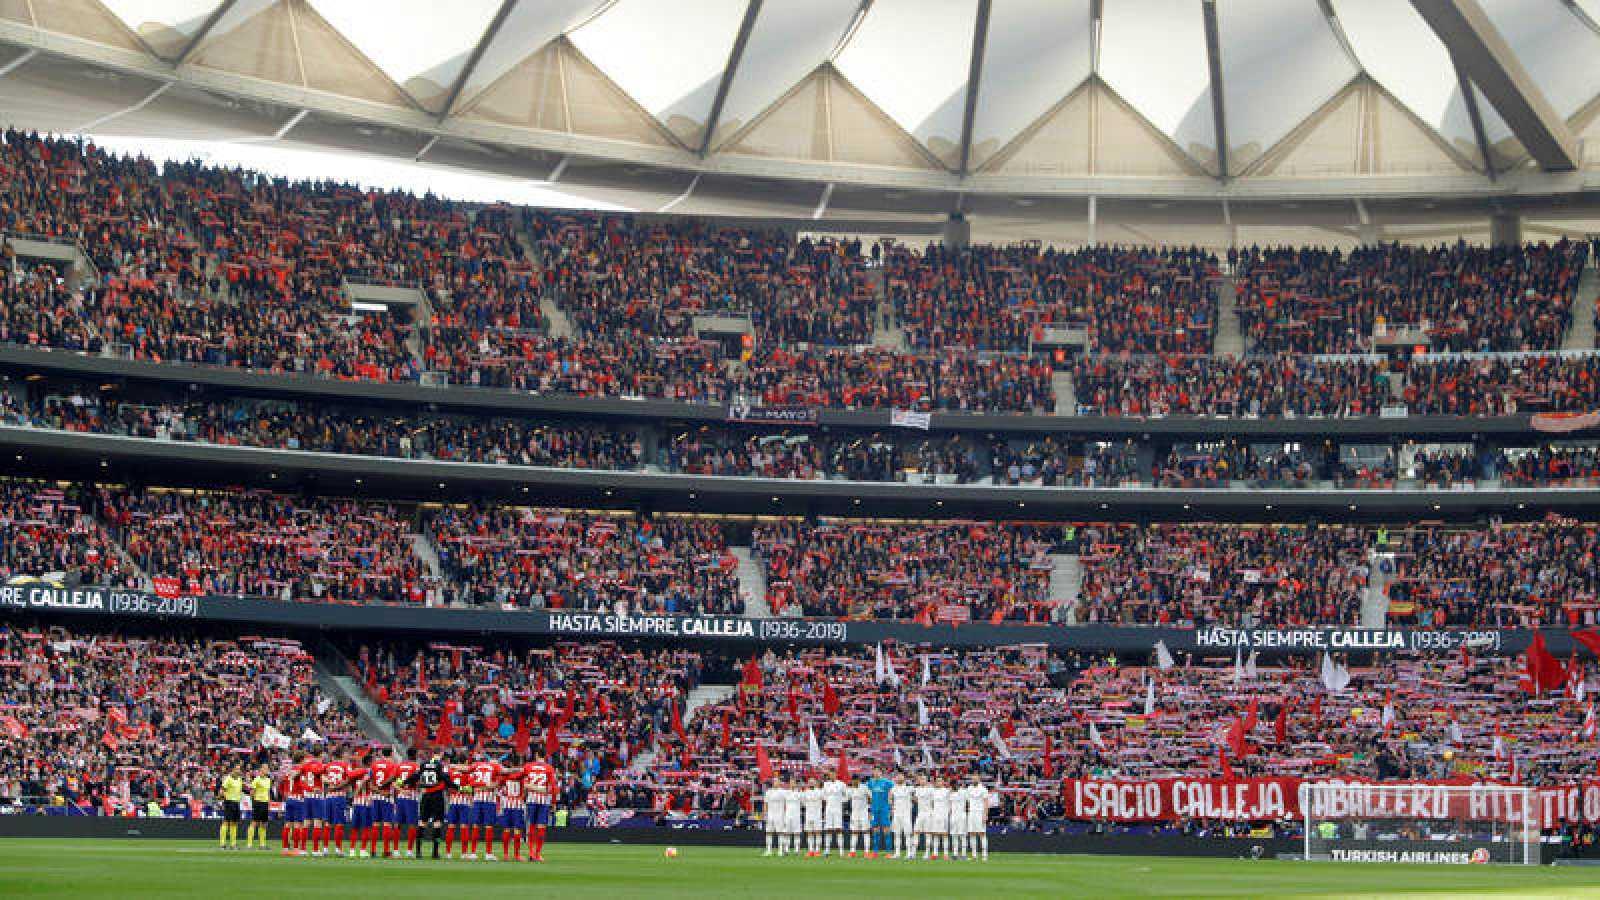 Vista del estadio Wanda Metropolitano, donde se jugará el derbi de la jornada 7 entre Atlético y Madrid.